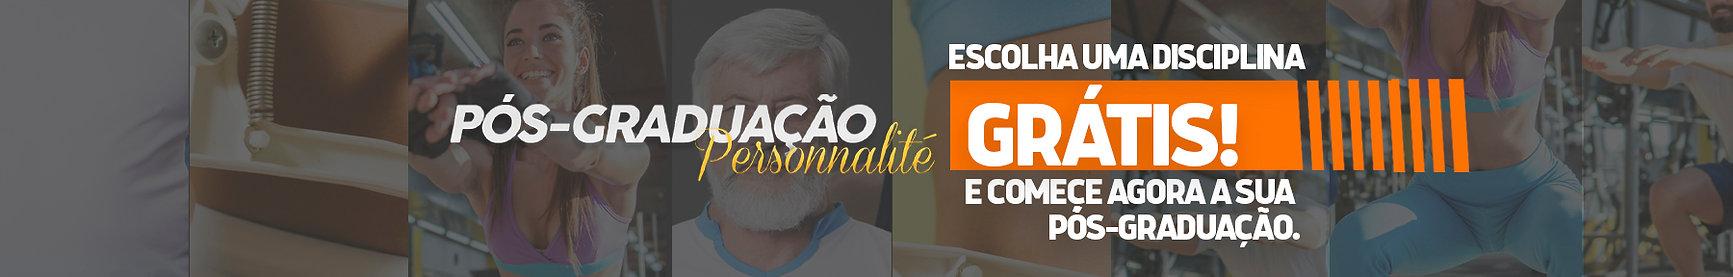 TOPO POS DISCIPLINAS GRÁTIS.jpg